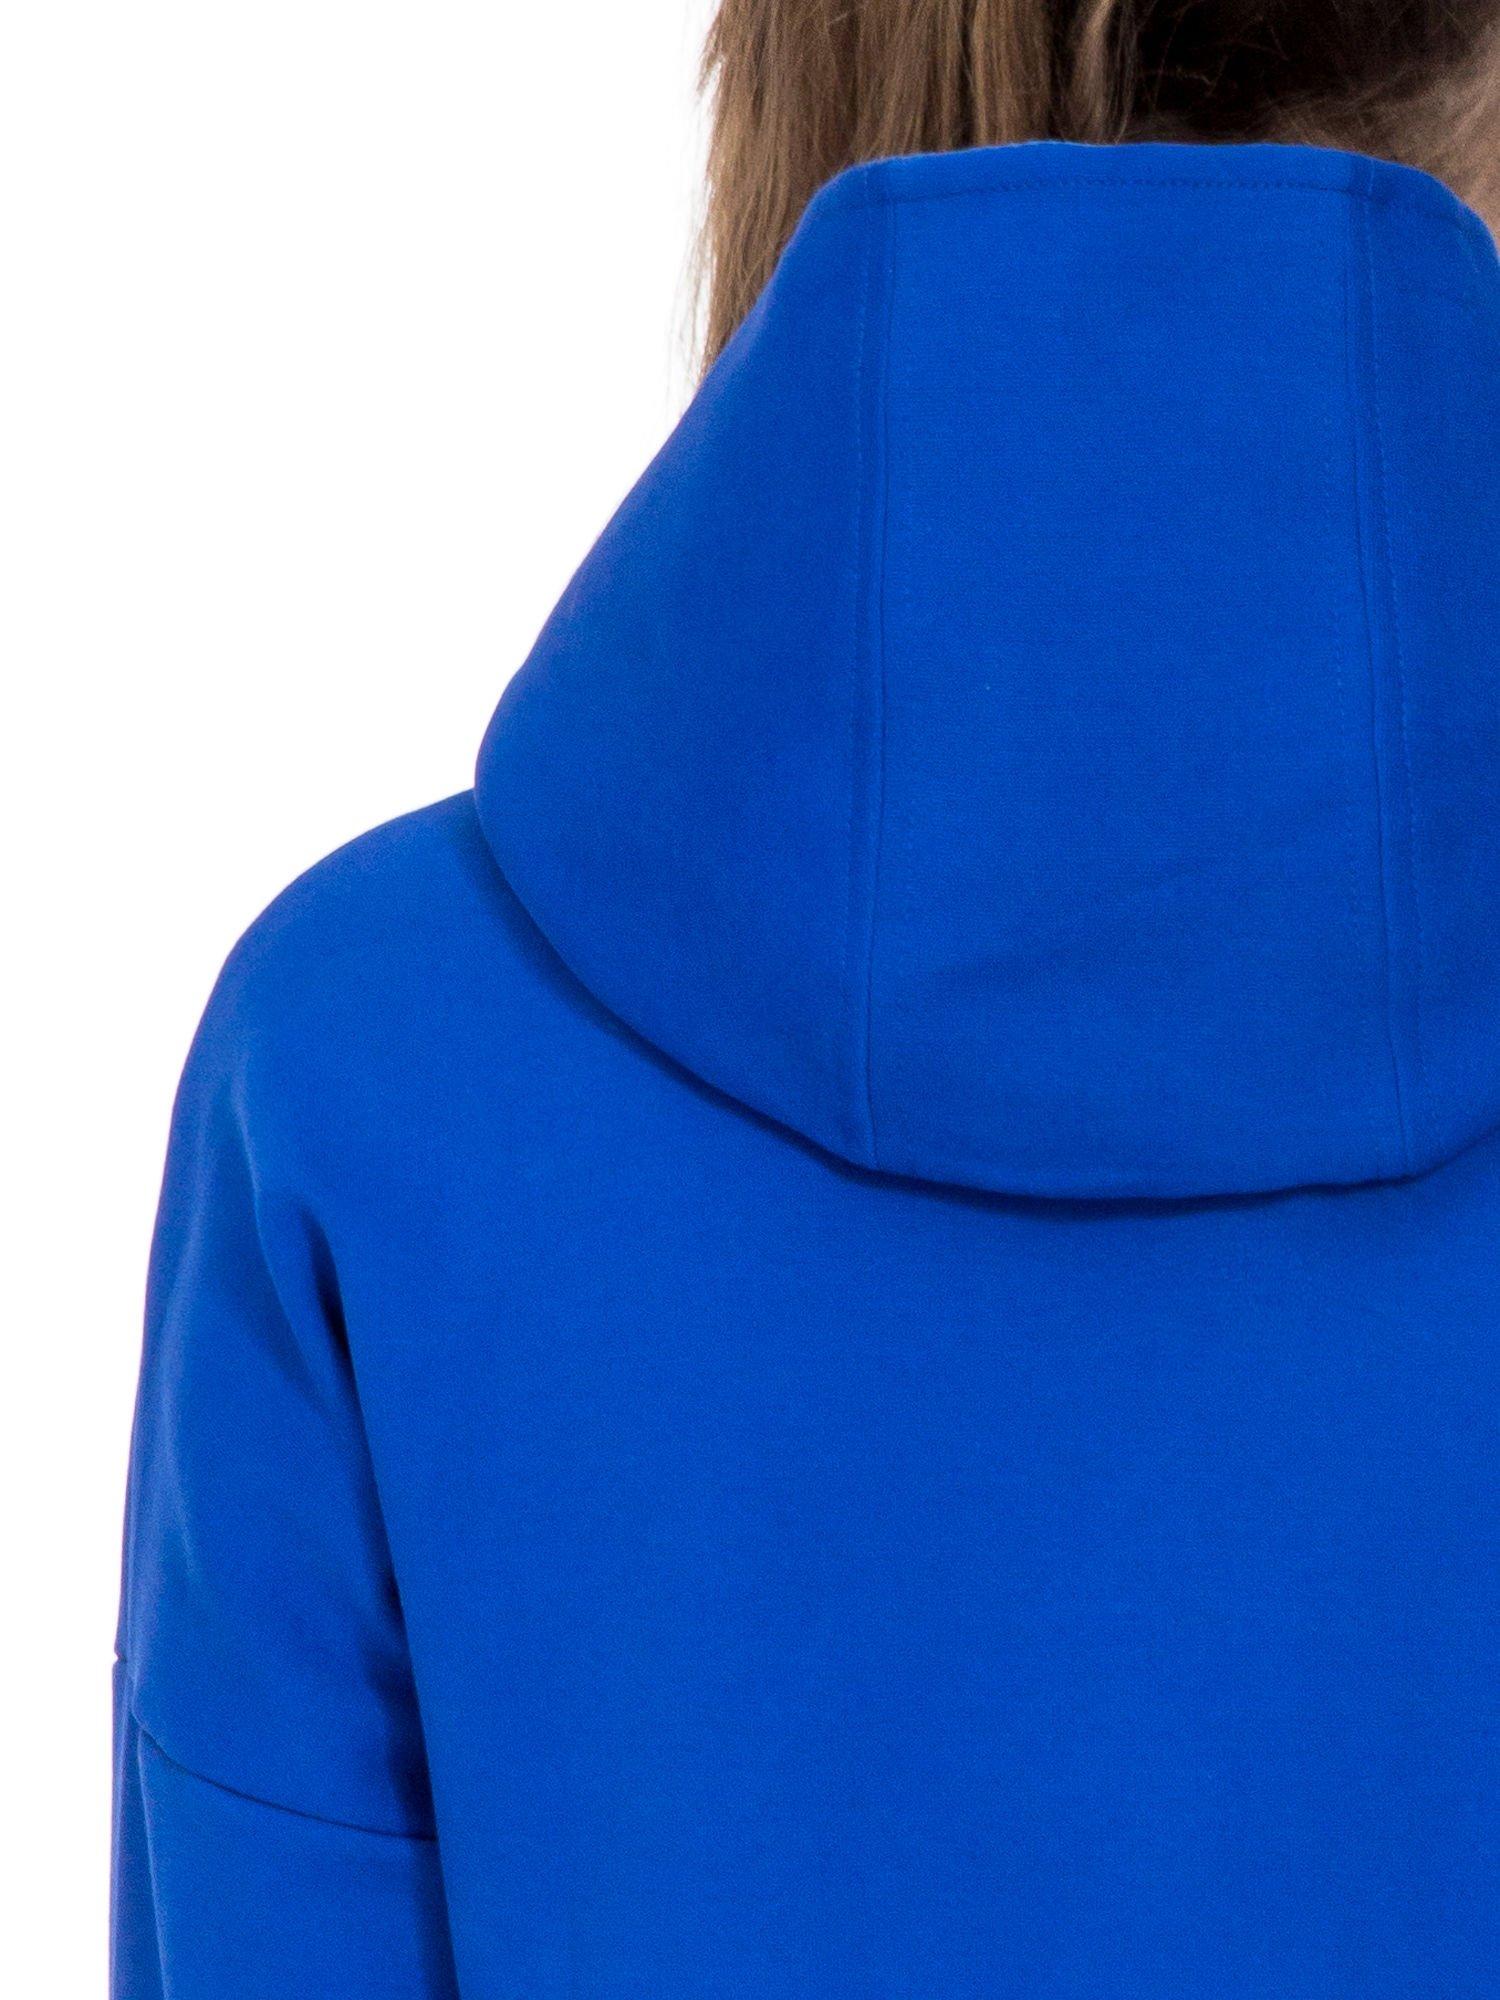 Niebieski dresowy płaszcz oversize z kapturem                                  zdj.                                  7